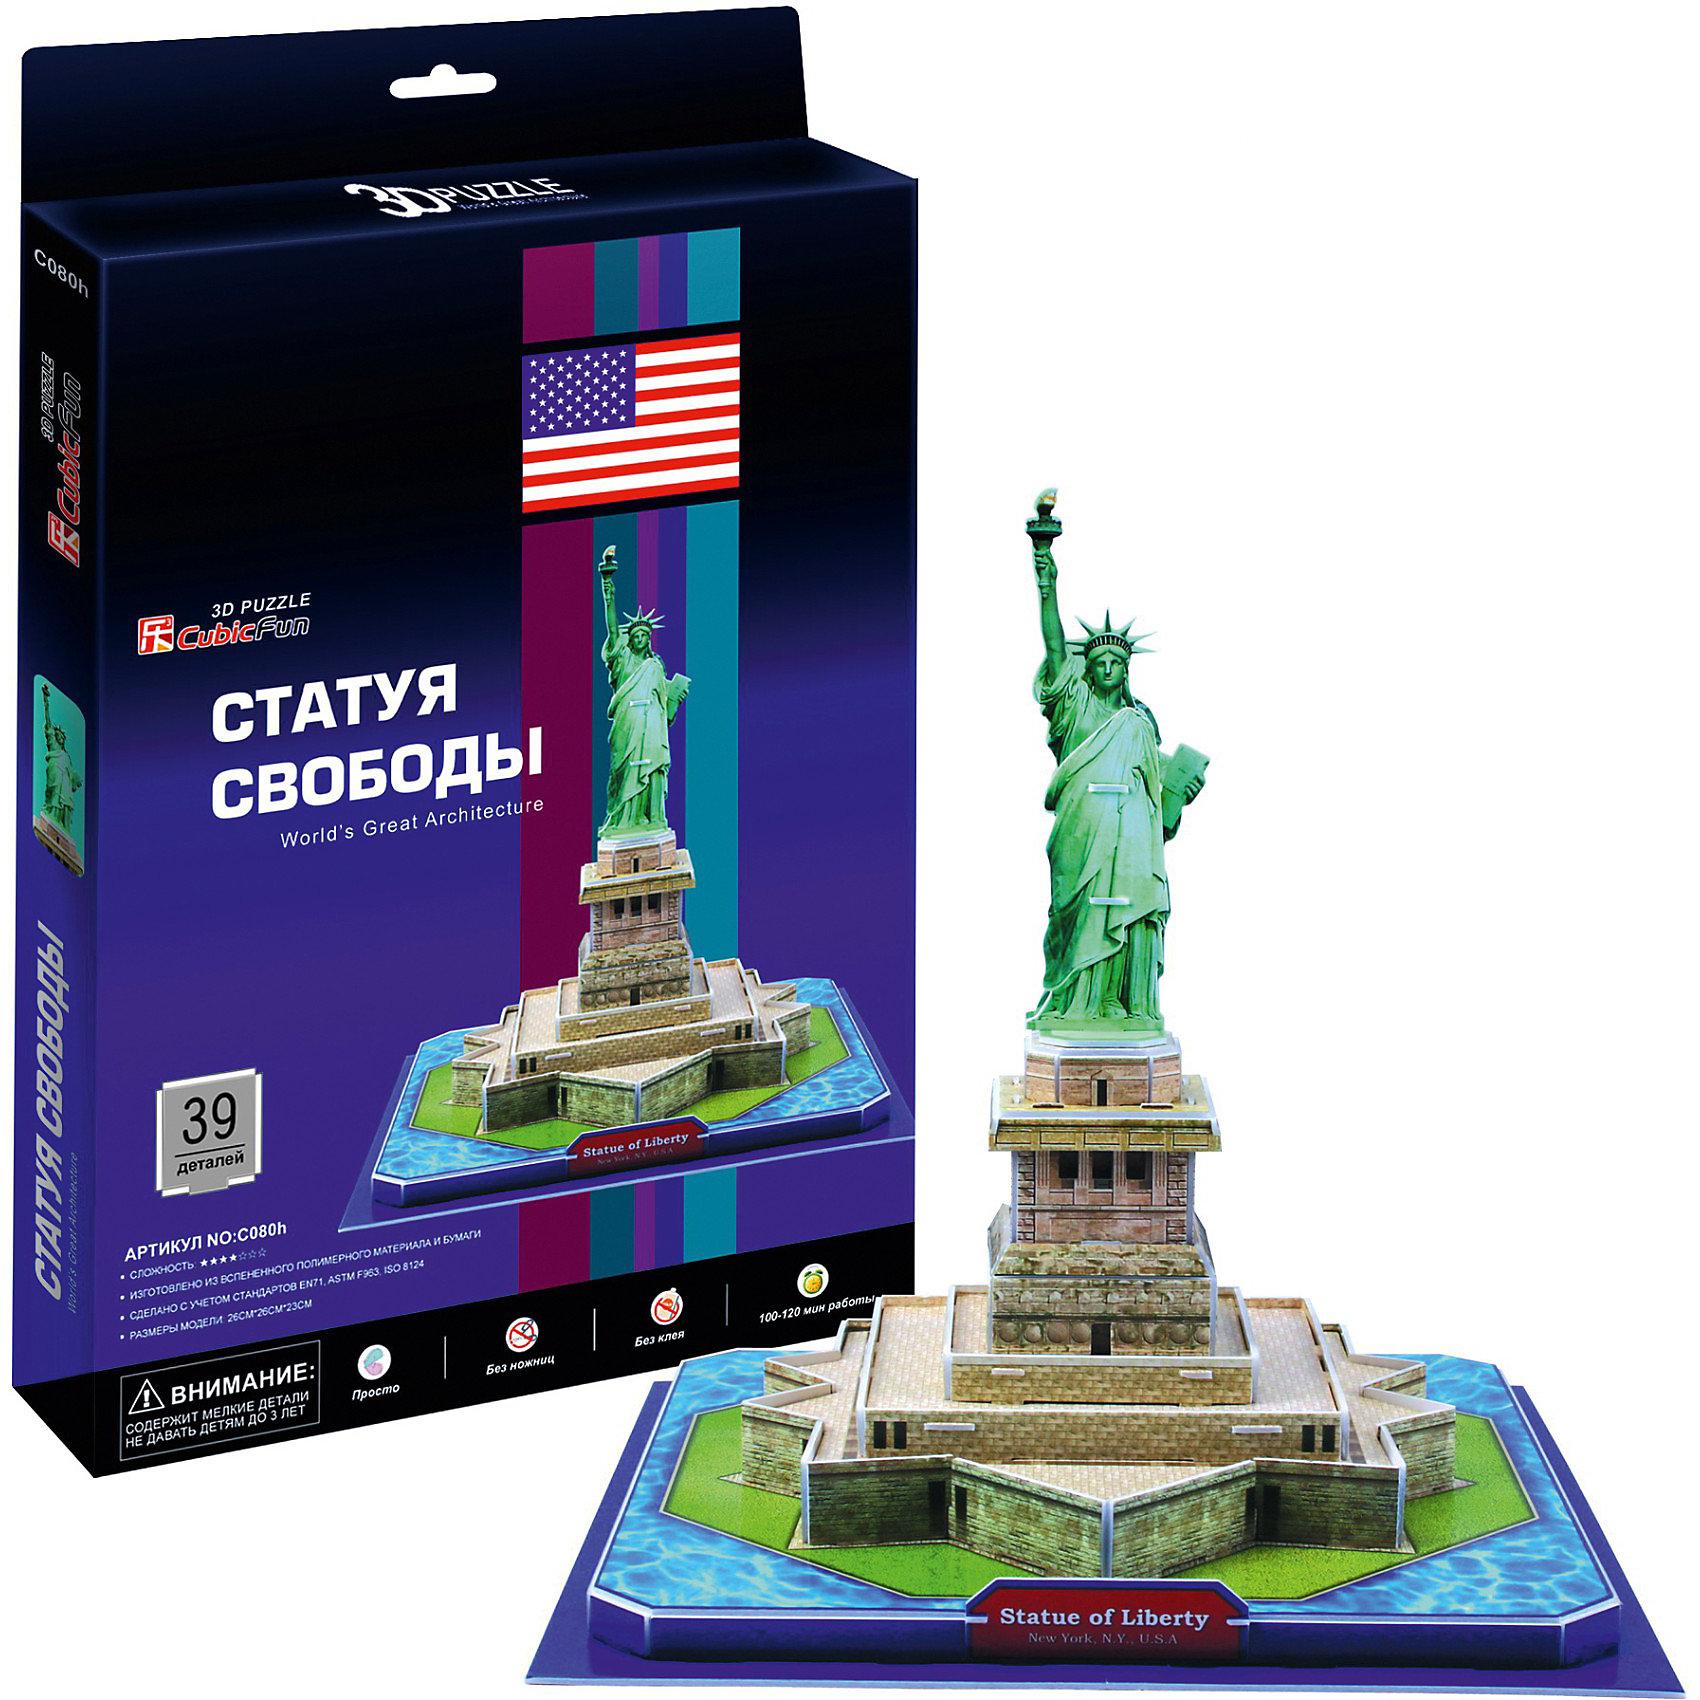 Пазл 3D Статуя Свободы (США), 39 деталей, CubicFun28 октября 1886 года президент Гроувер Кливленд от имени американского народа принял преподнесенную в дар статую и сказал: «Мы всегда будем помнить, что Свобода избрала это место своим домом, и алтарь ее никогда не покроет забвение».<br><br>УРОВЕНЬ СЛОЖНОСТИ - 3<br><br>Функции:<br>- помогает в развитии логики и творческих способностей ребенка;<br>- помогает в формировании мышления, речи, внимания, восприятия и воображения;<br>- развивает моторику рук;<br>- расширяет кругозор ребенка и стимулирует к познанию новой информации;<br><br>Практические характеристики:<br>- обучающая, яркая и реалистичная модель;<br>- идеально и легко собирается без инструментов;<br>- увлекательный игровой процесс;<br>- тематический ассортимент;<br>- новый качественный материал (ламинированный пенокартон)<br><br>Размеры коробки: 30х22х2,2 см.<br><br>Ширина мм: 22<br>Глубина мм: 220<br>Высота мм: 300<br>Вес г: 618<br>Возраст от месяцев: 60<br>Возраст до месяцев: 144<br>Пол: Унисекс<br>Возраст: Детский<br>Количество деталей: 39<br>SKU: 2276279